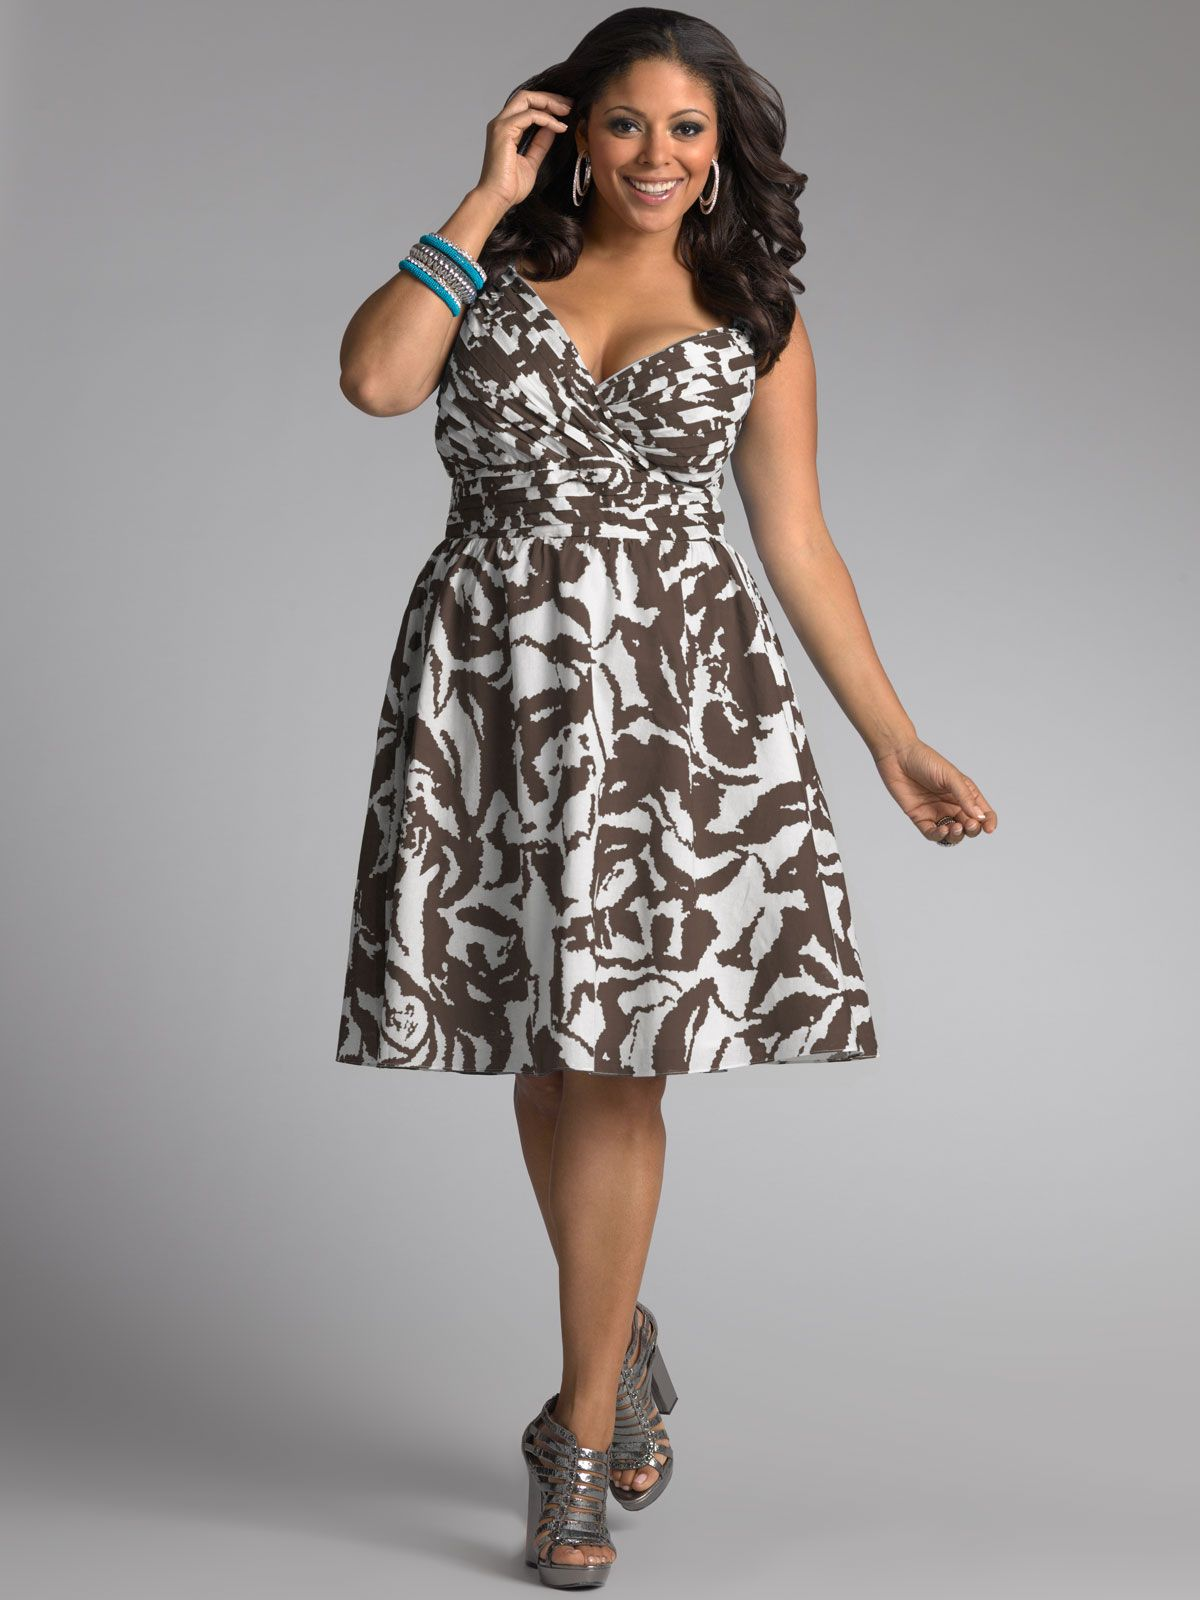 Plus size summer wedding dresses  Plus Size Semi formal Wedding Dresses  Best Wedding Dress for Pear